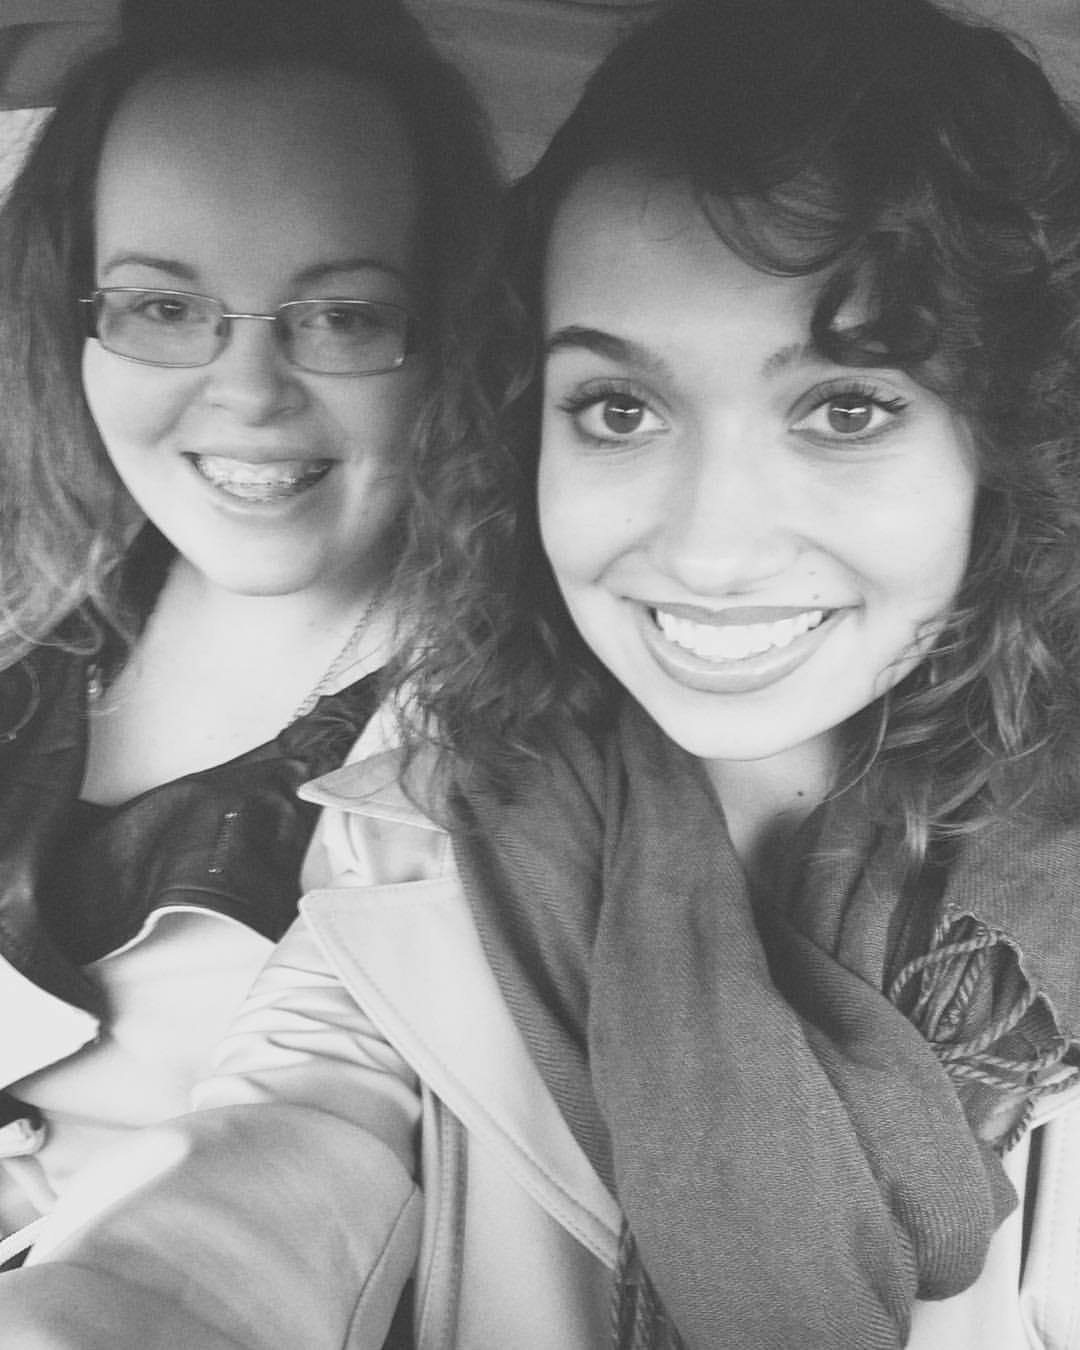 Tabitha and I